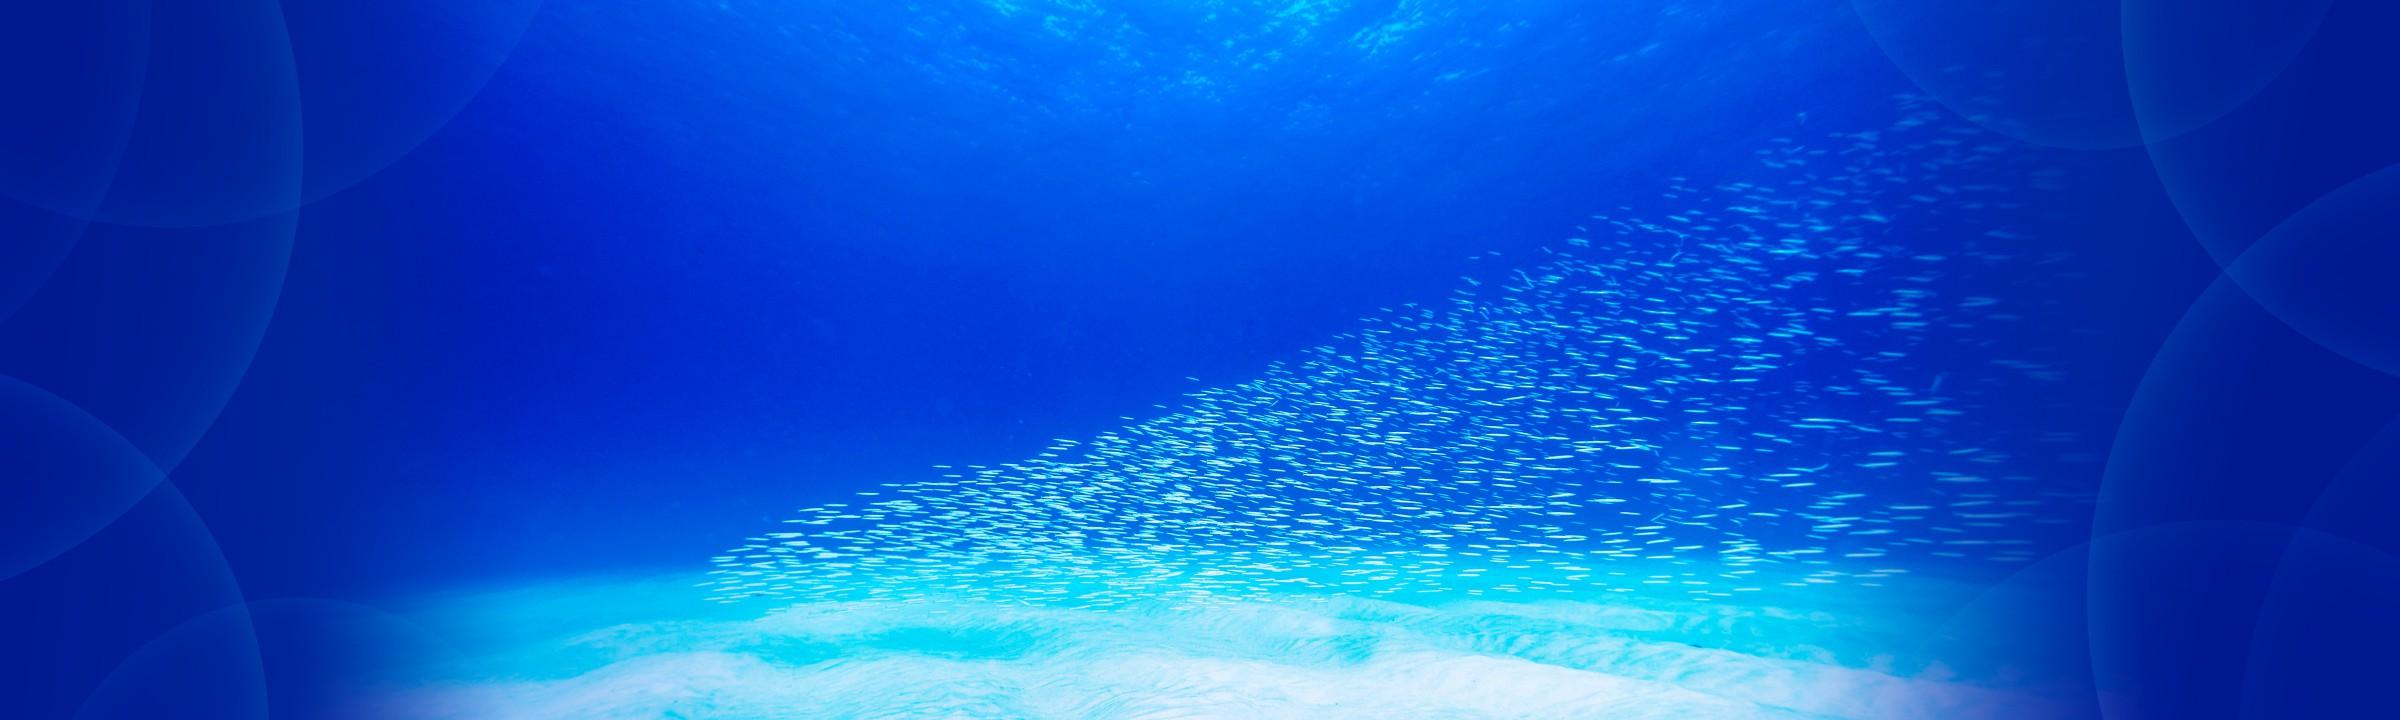 連載 水中写真連載 So Blue